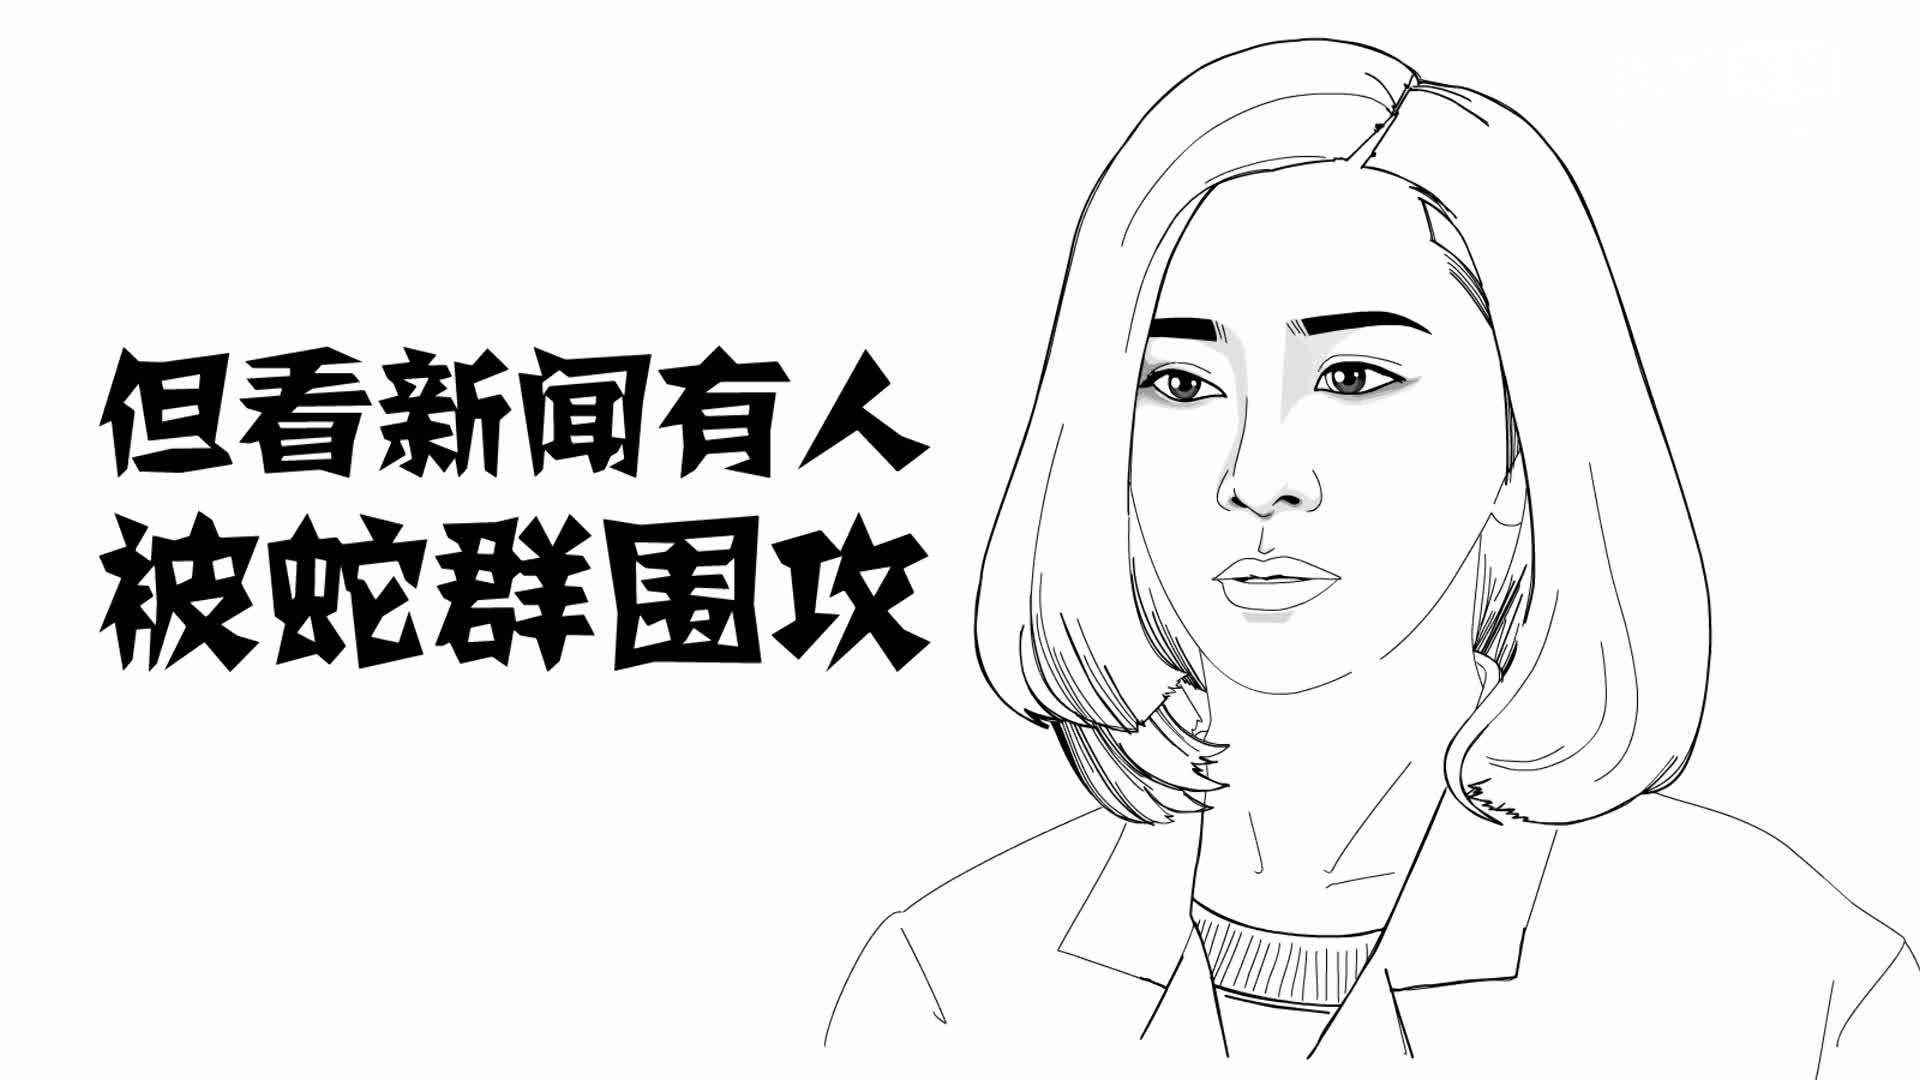 简笔笑画第一季01_360影视-影视搜索